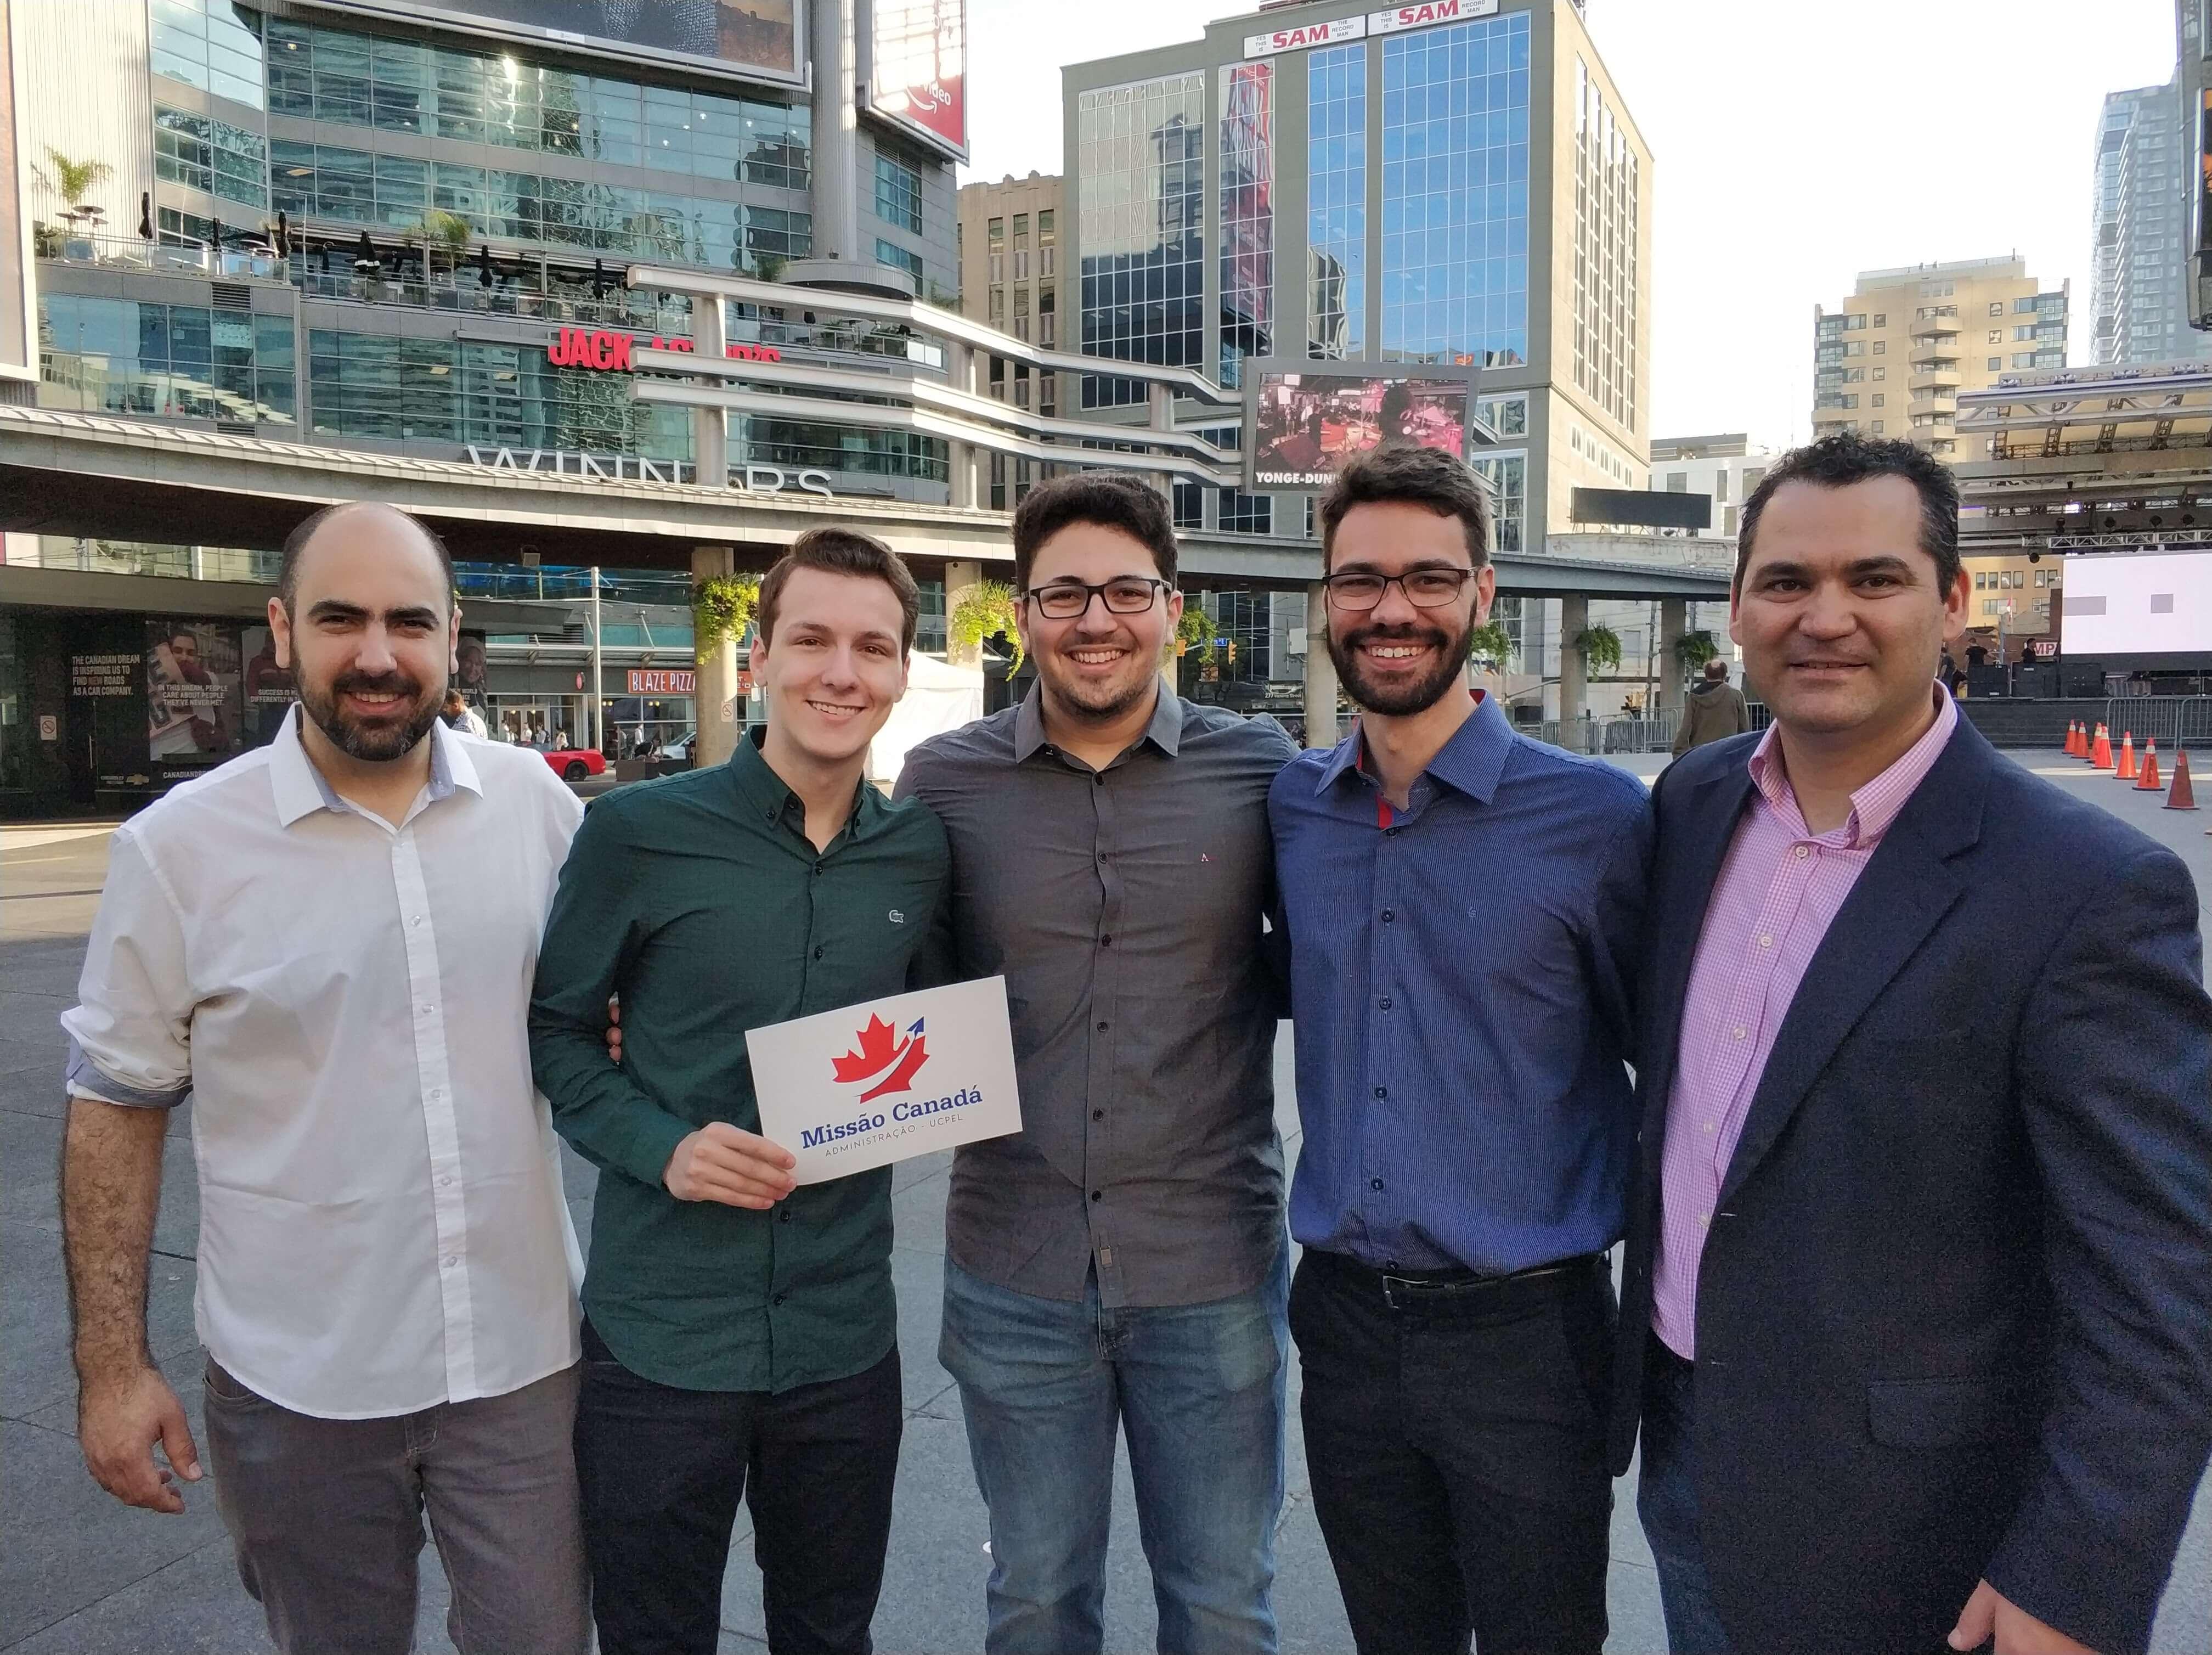 Participantes Missão Canadá